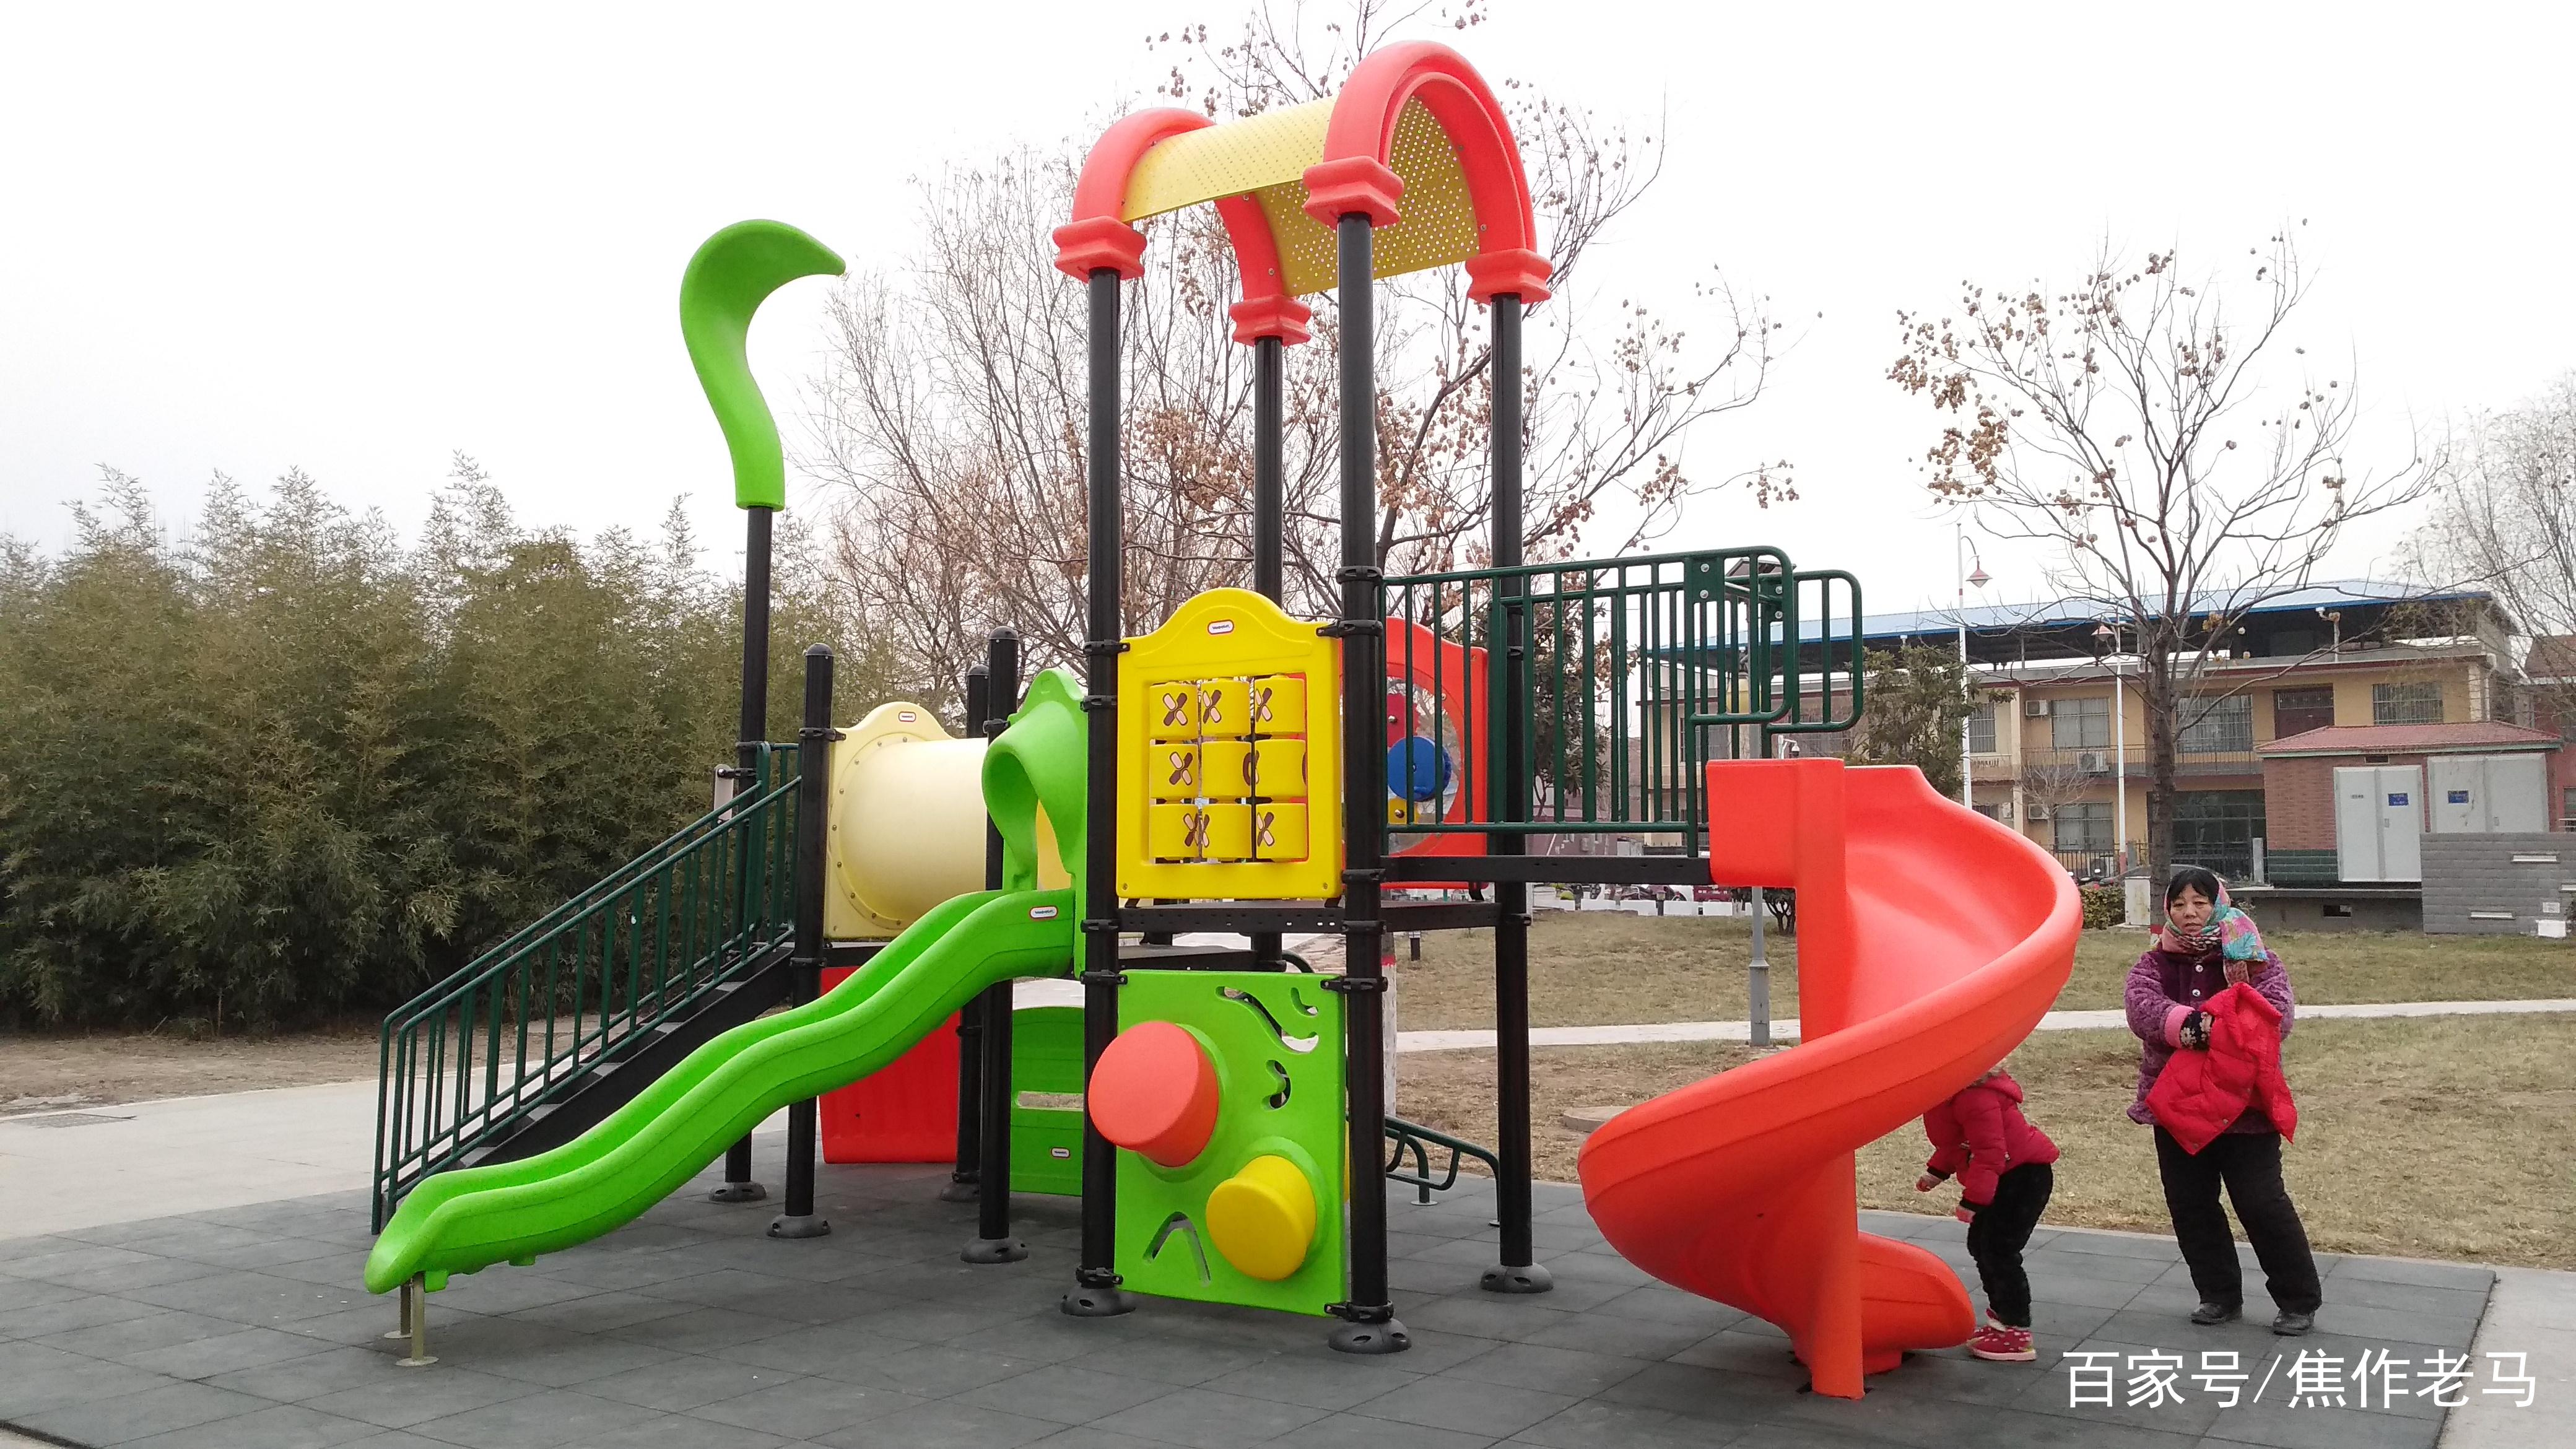 焦作新区最近增加了很多健身设施和儿童娱乐设施,没事可带孩耍